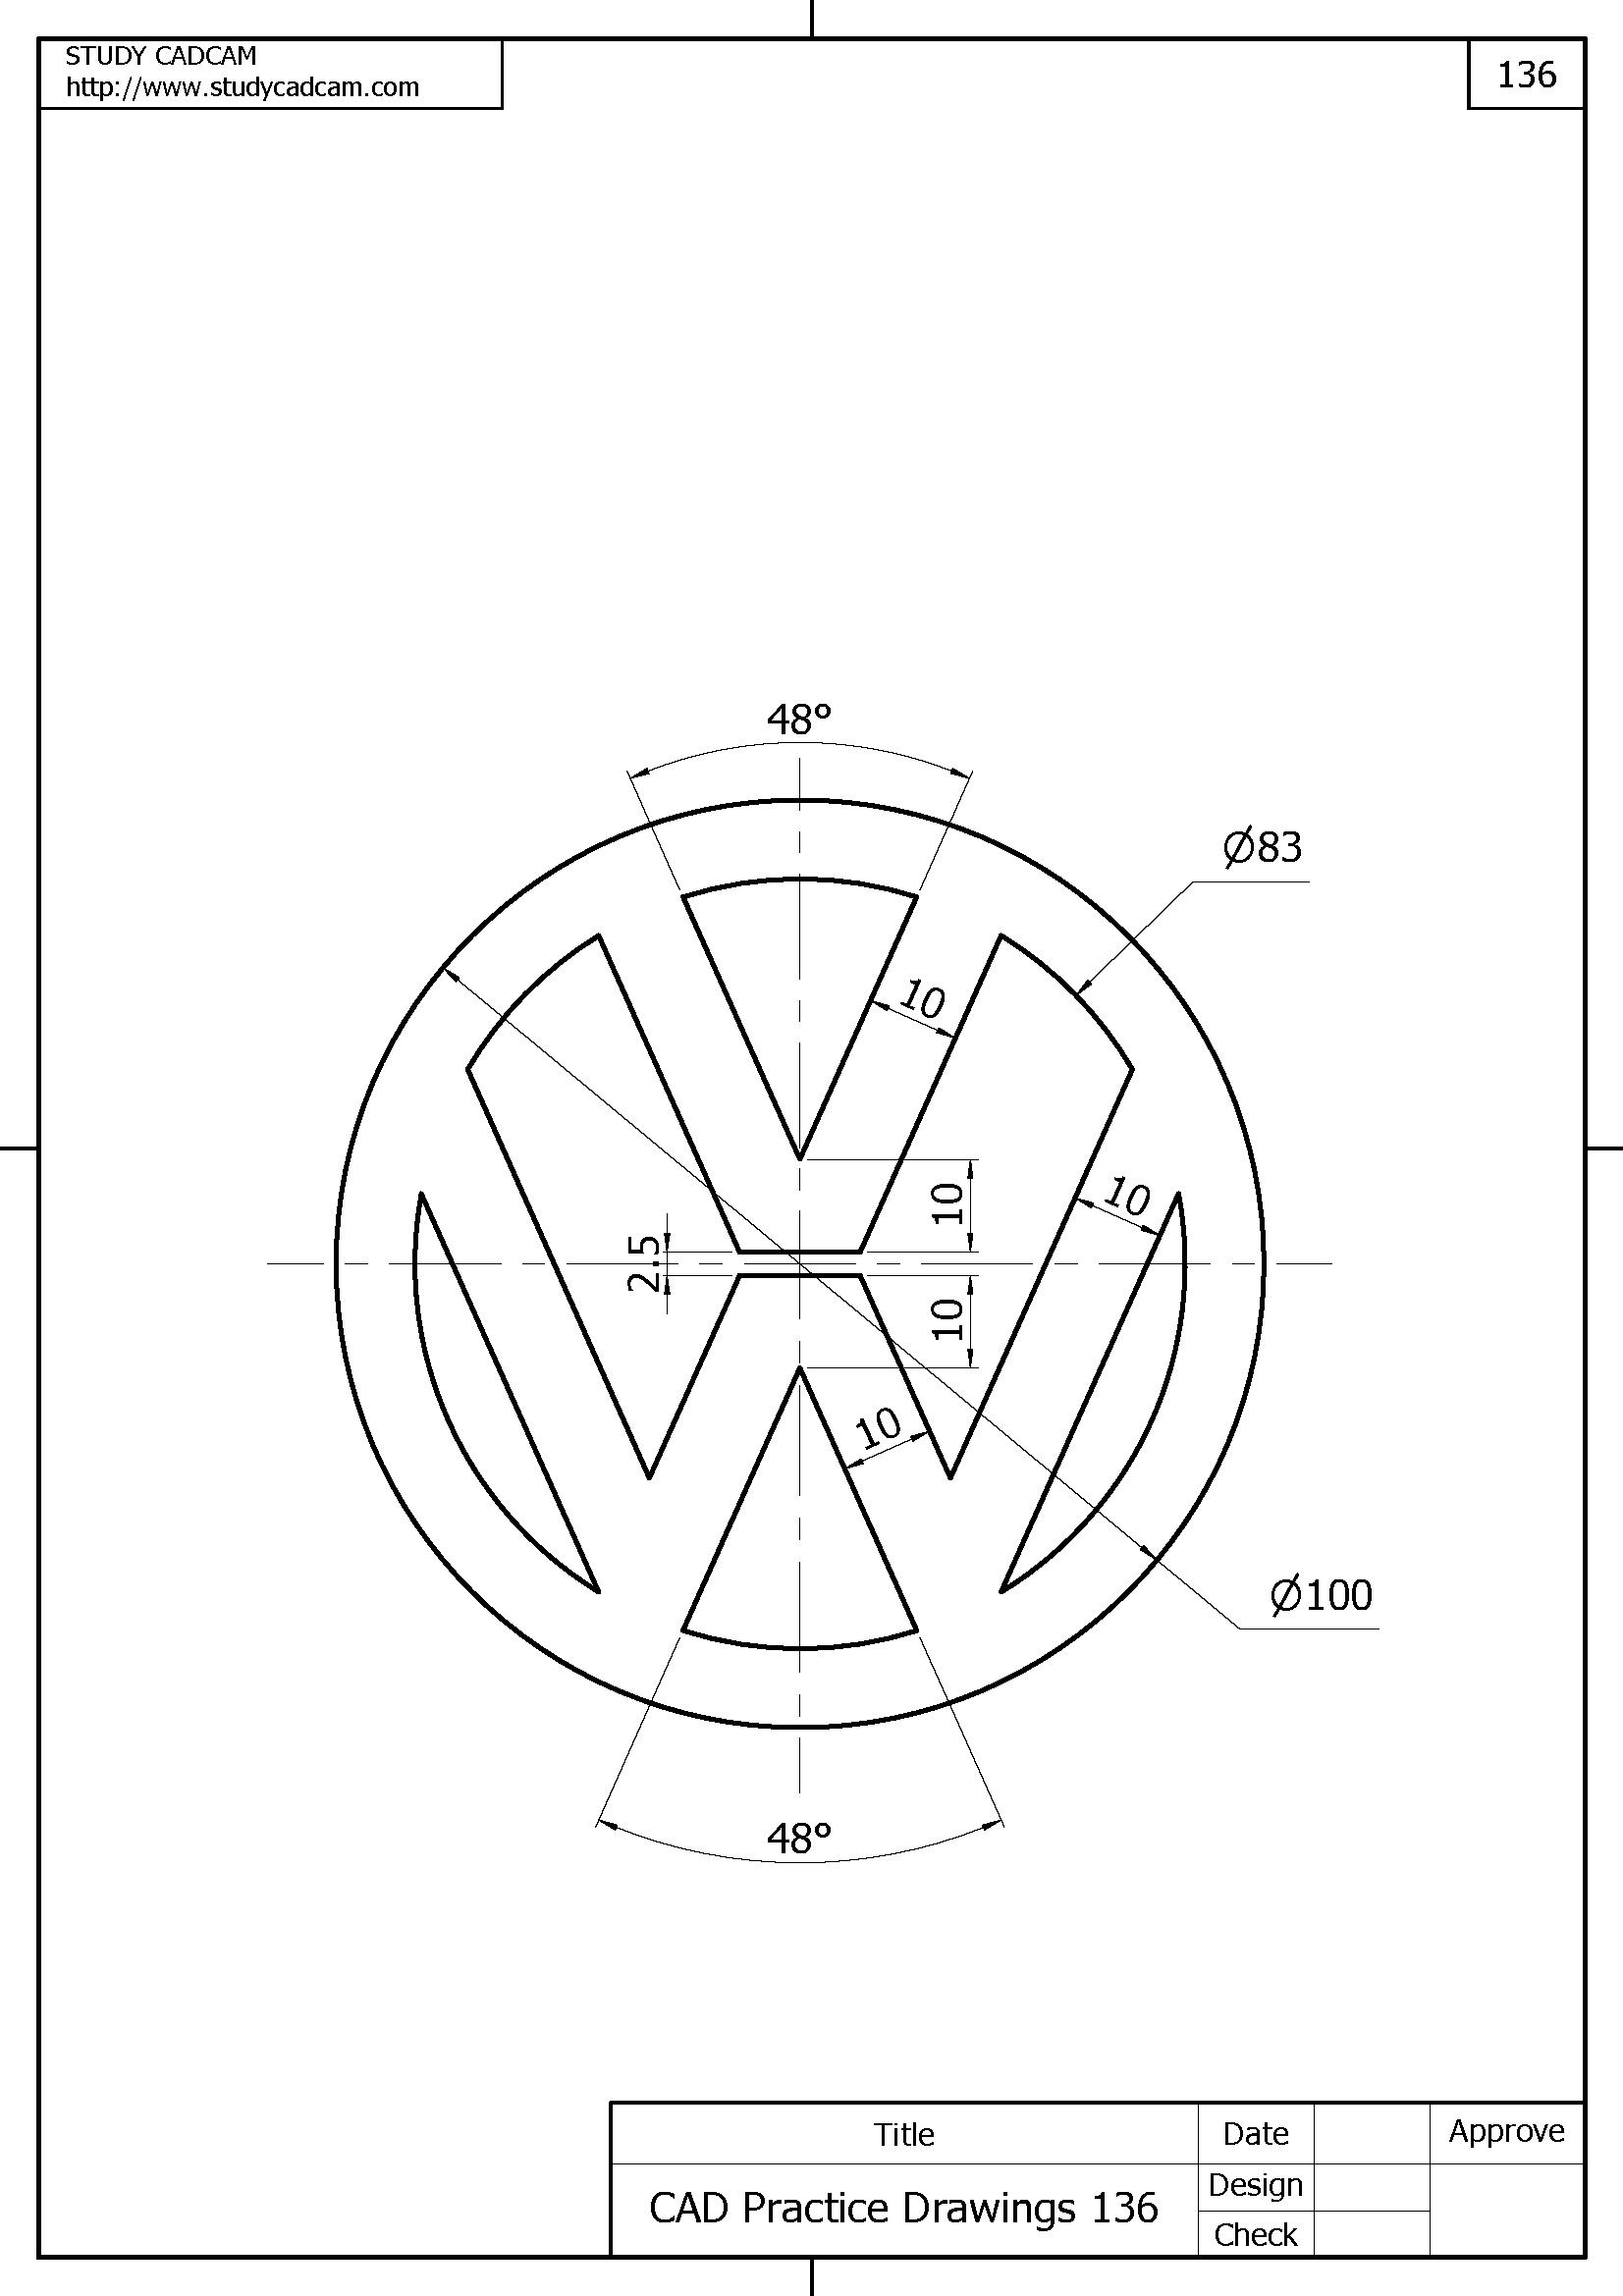 Wolswagen Dibujos En Autocad Ejercicios De Dibujo Disenos De Unas